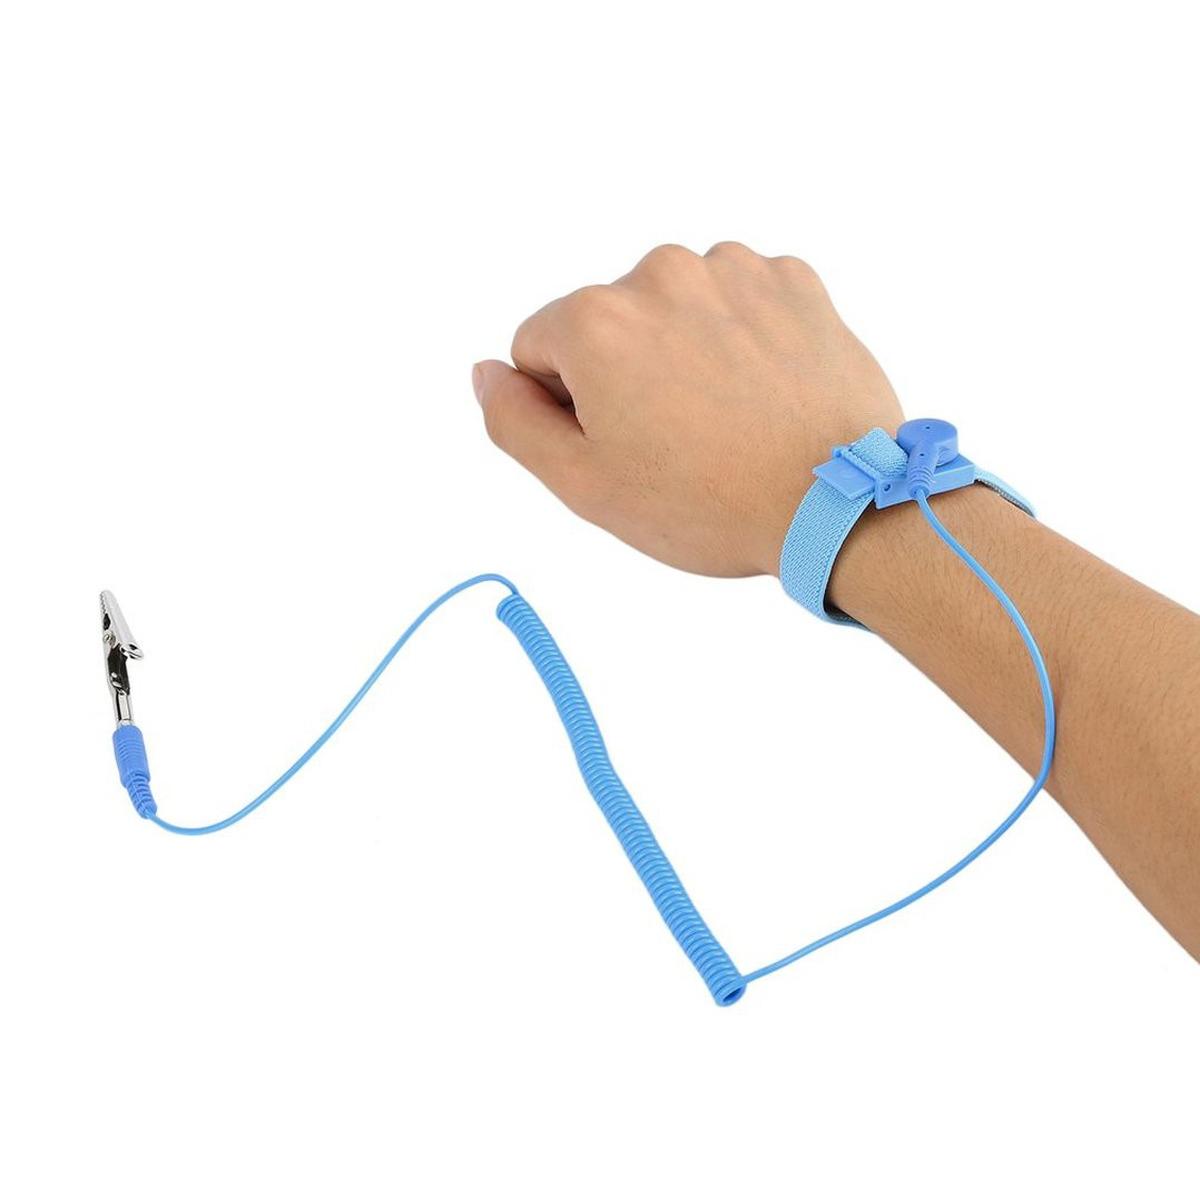 Pulsera Antiestática Con Cable Protección Evita Descargas